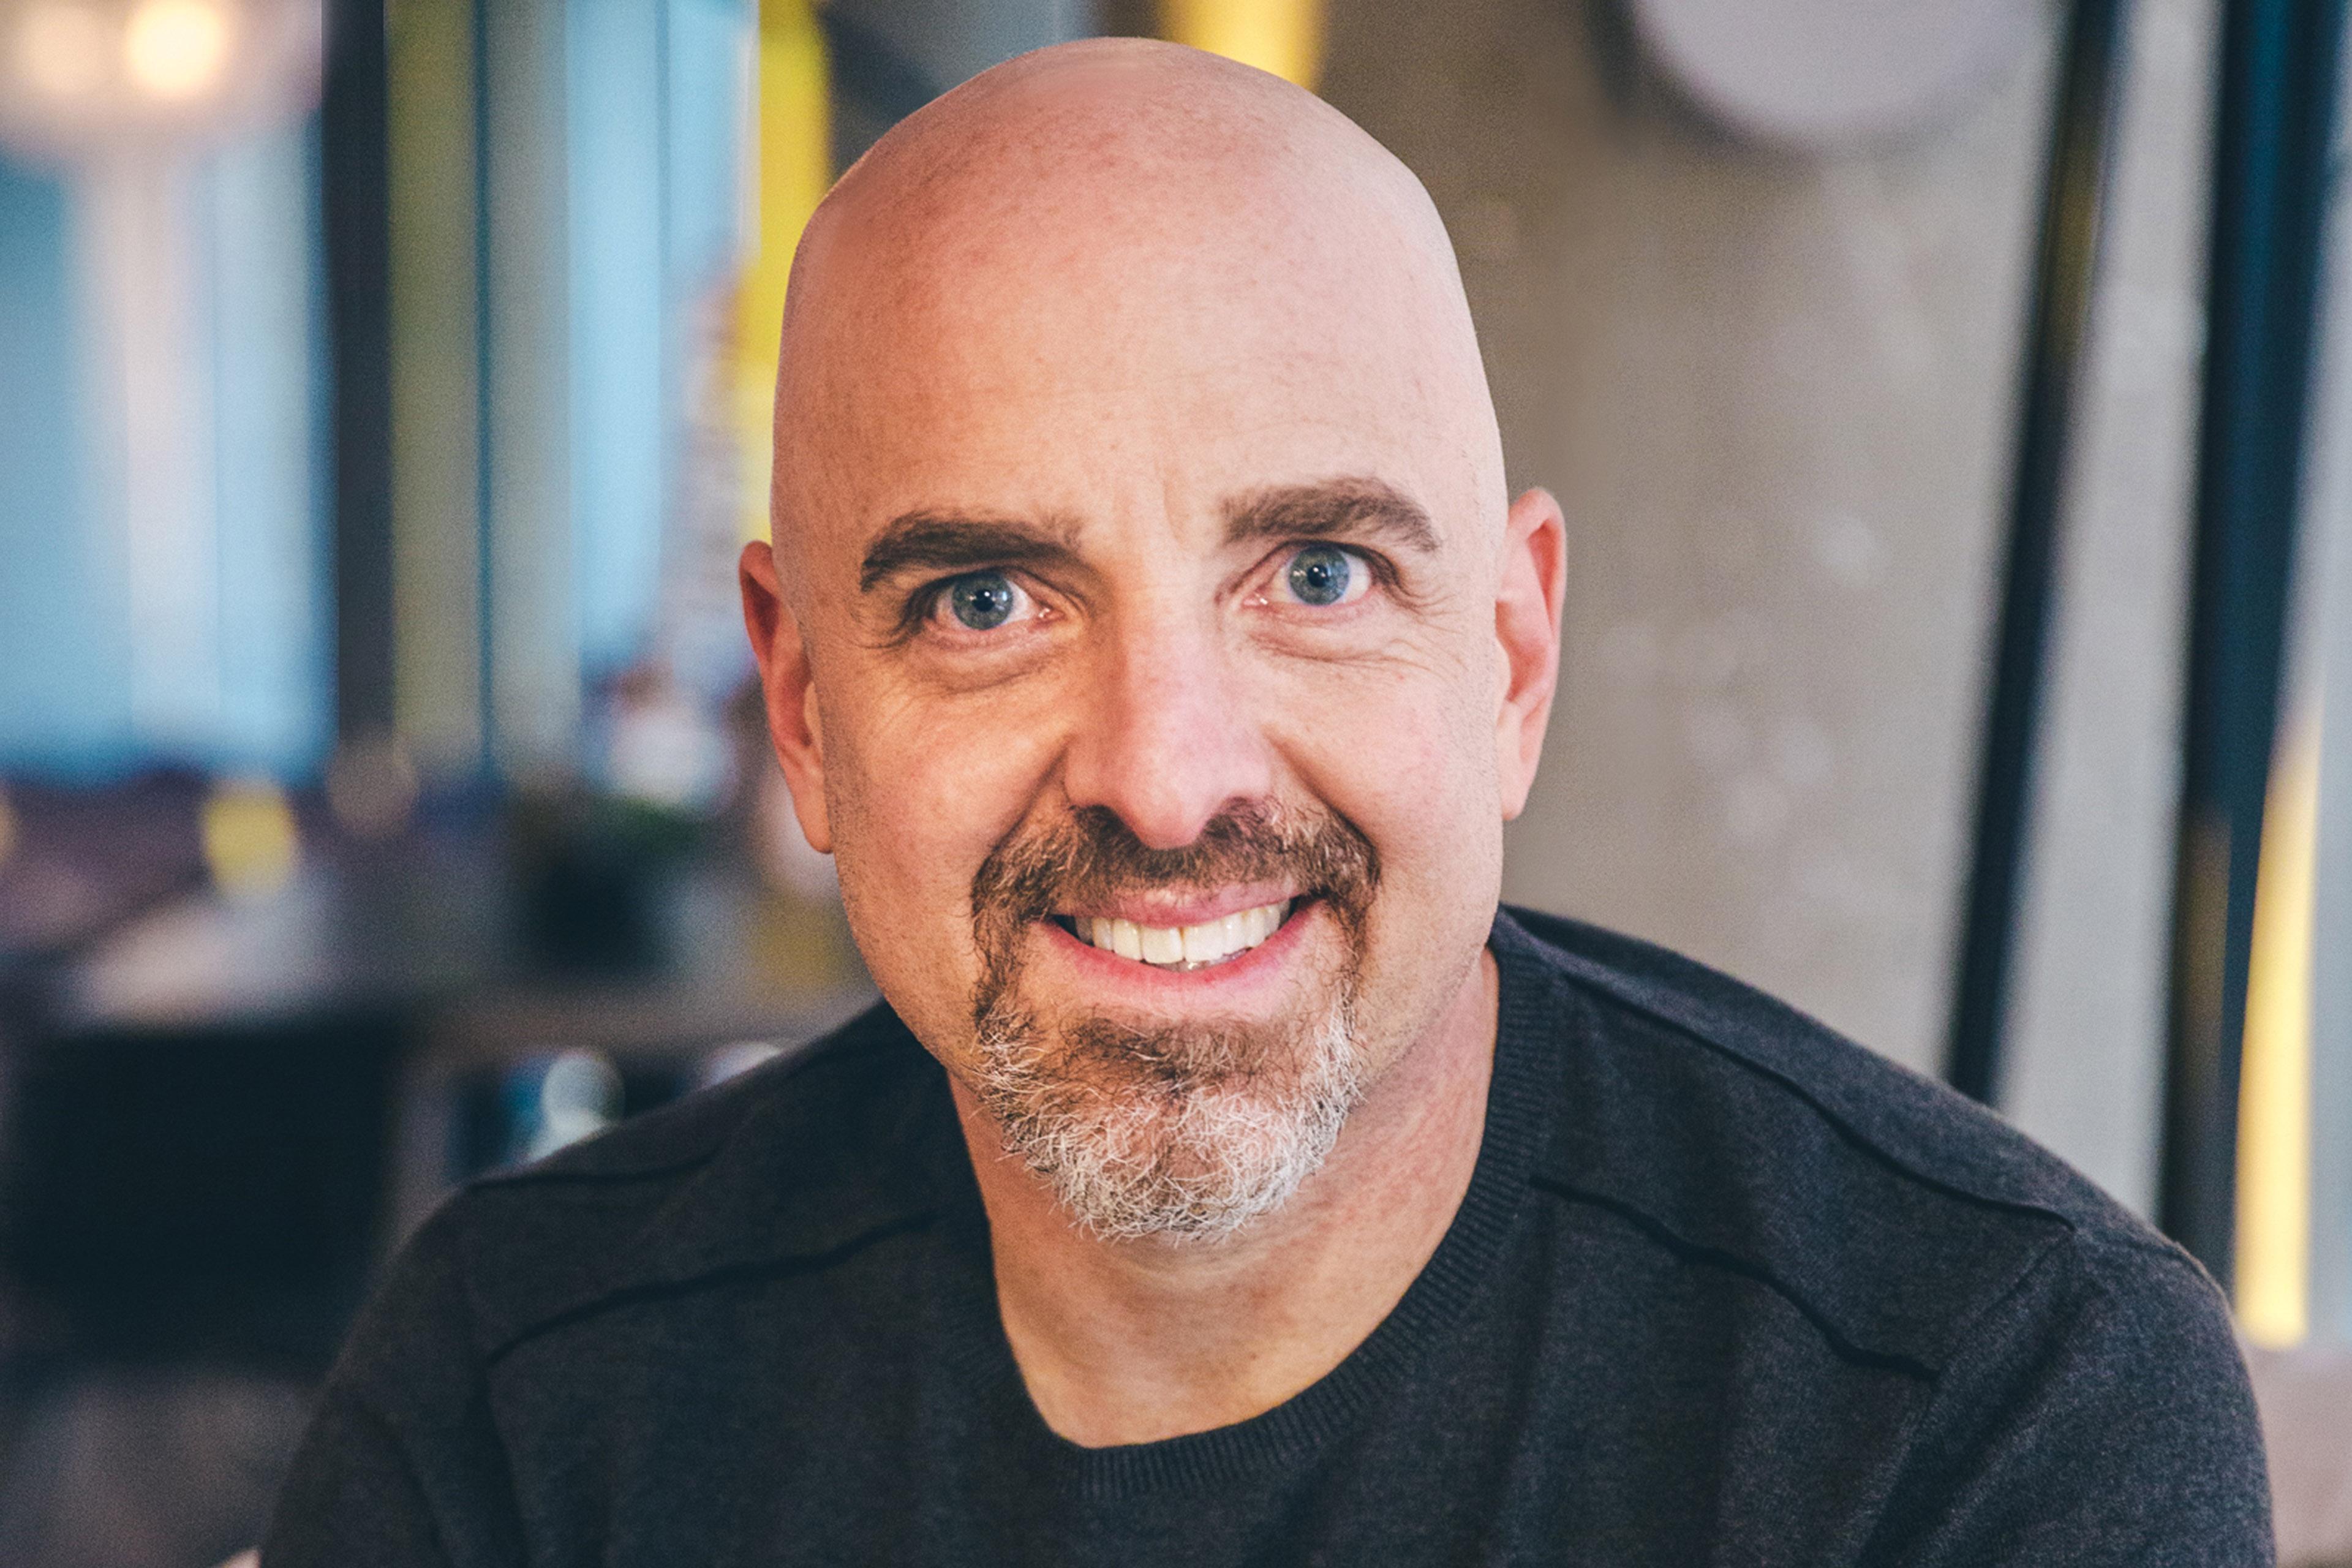 2019 Entrepreneur Brad Keywell